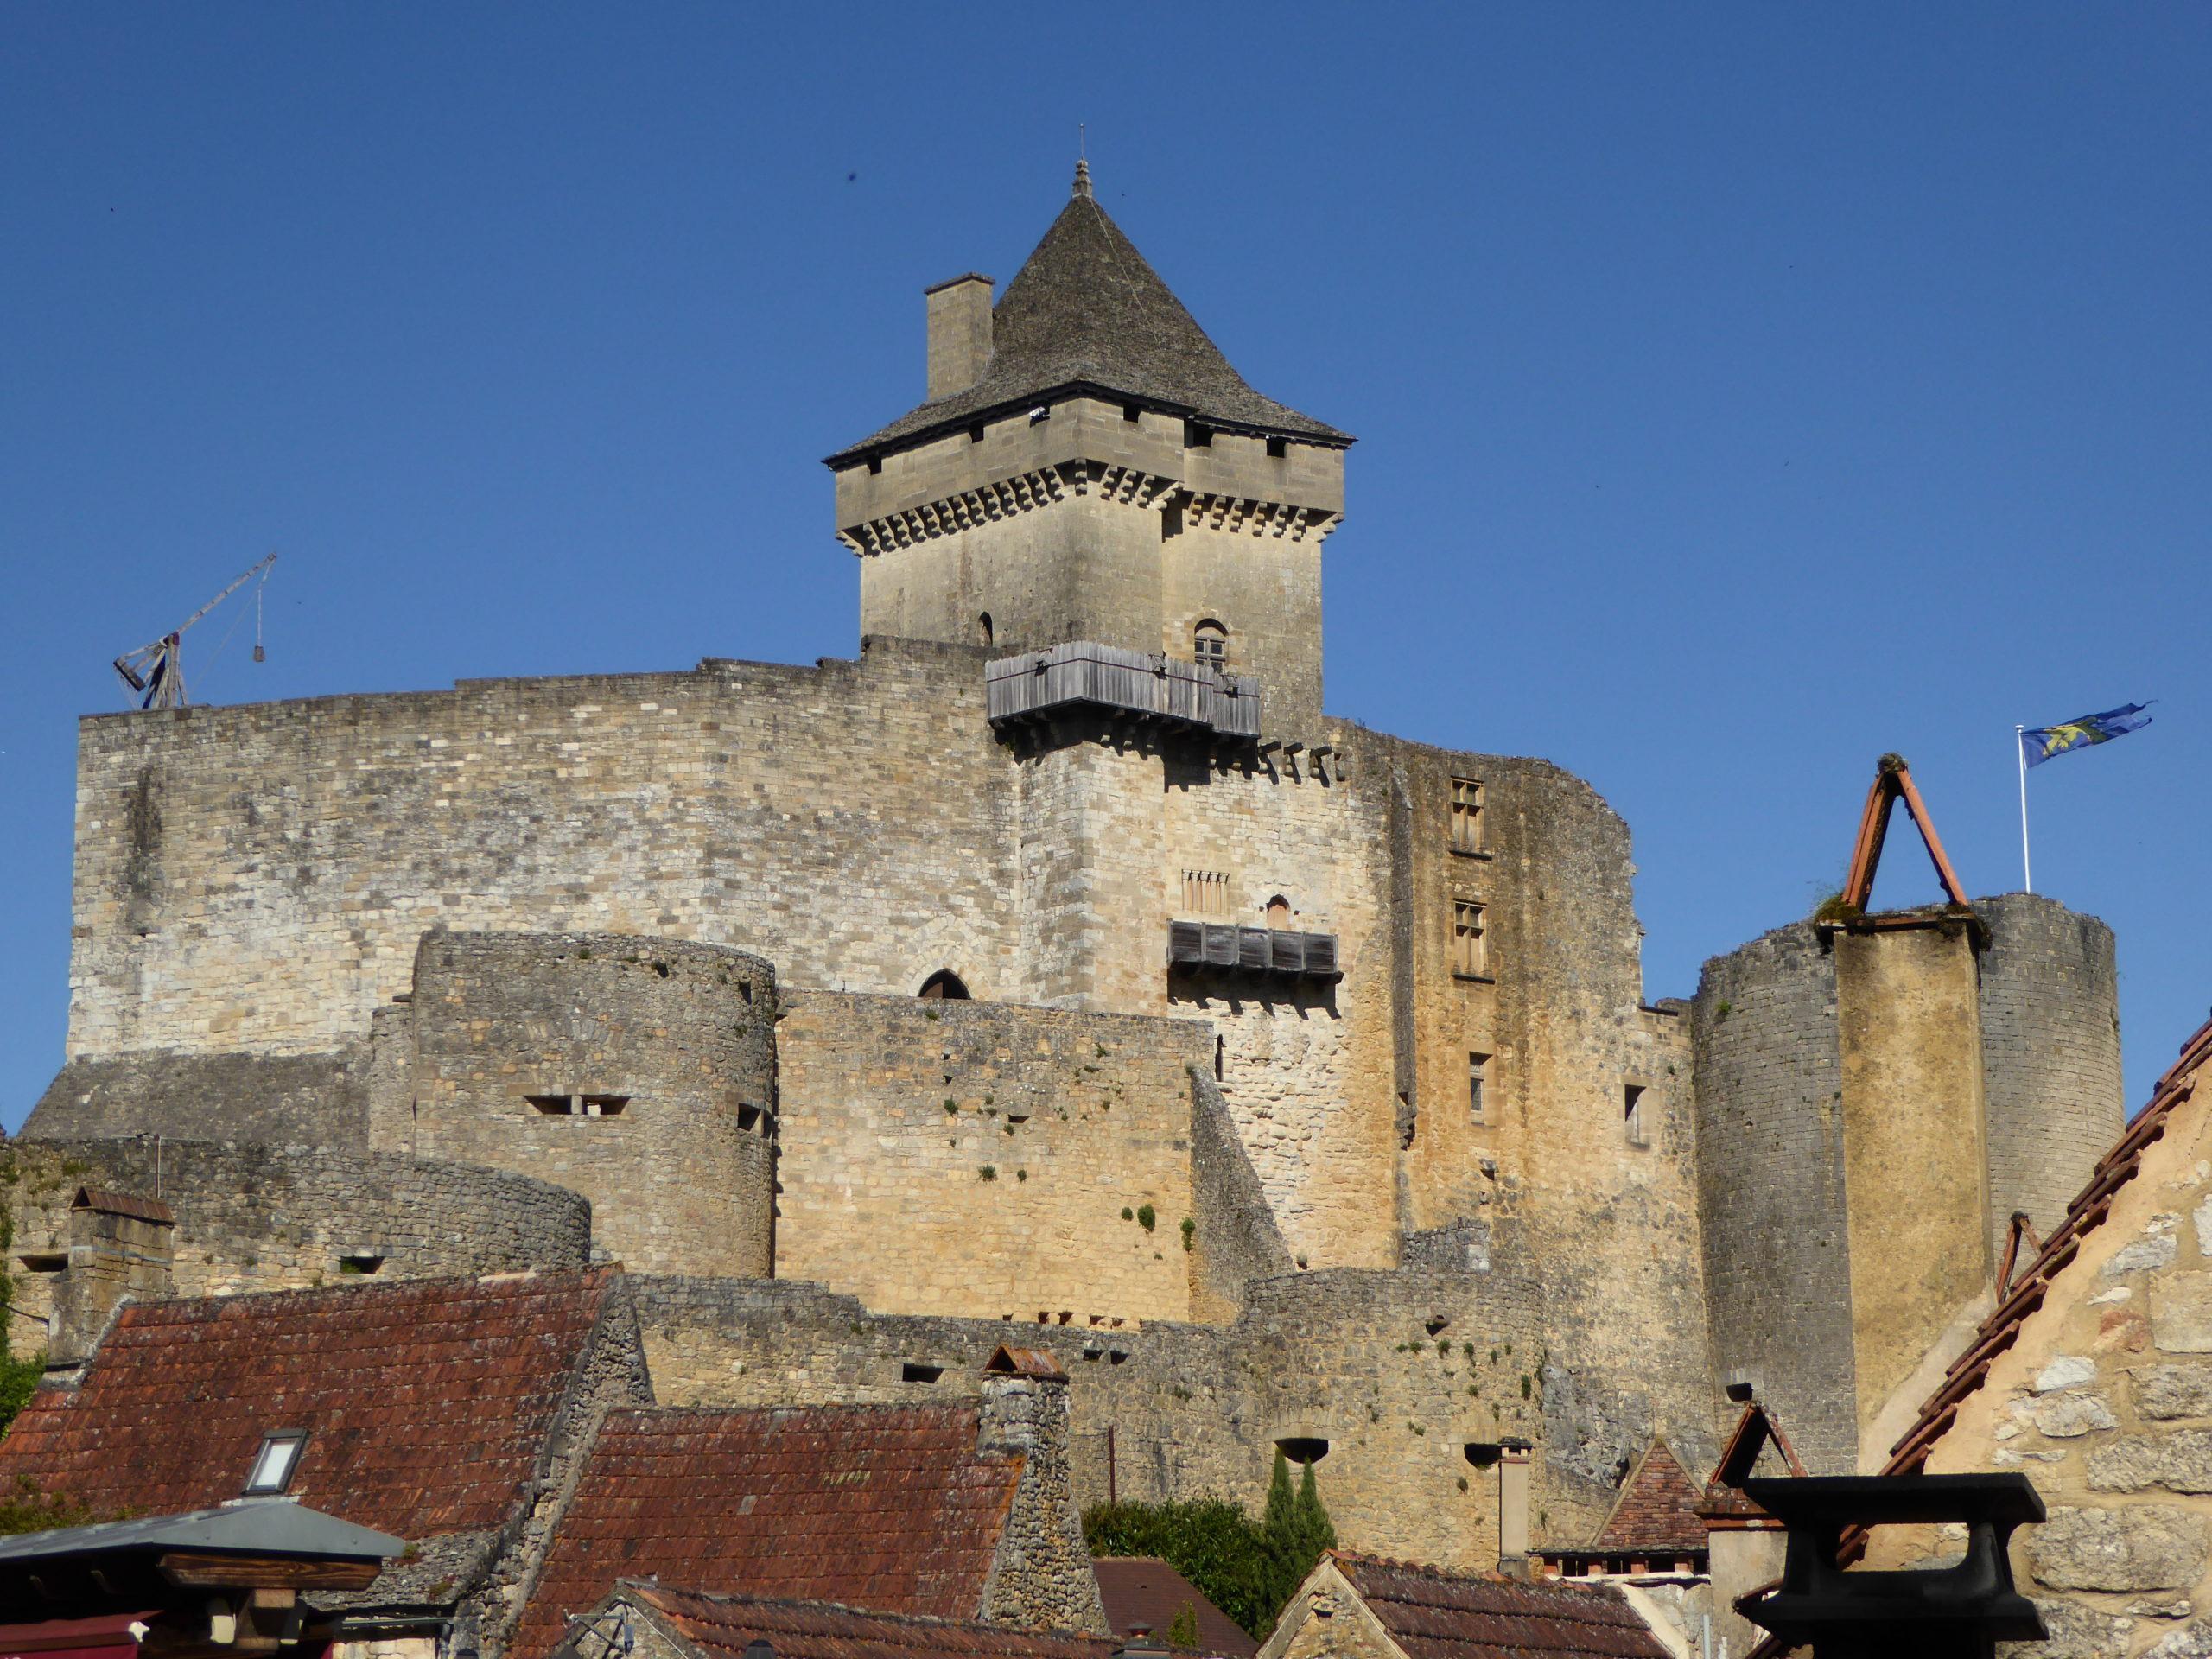 Château médiéval à visiter en Dordogne : le château de Castelnaud